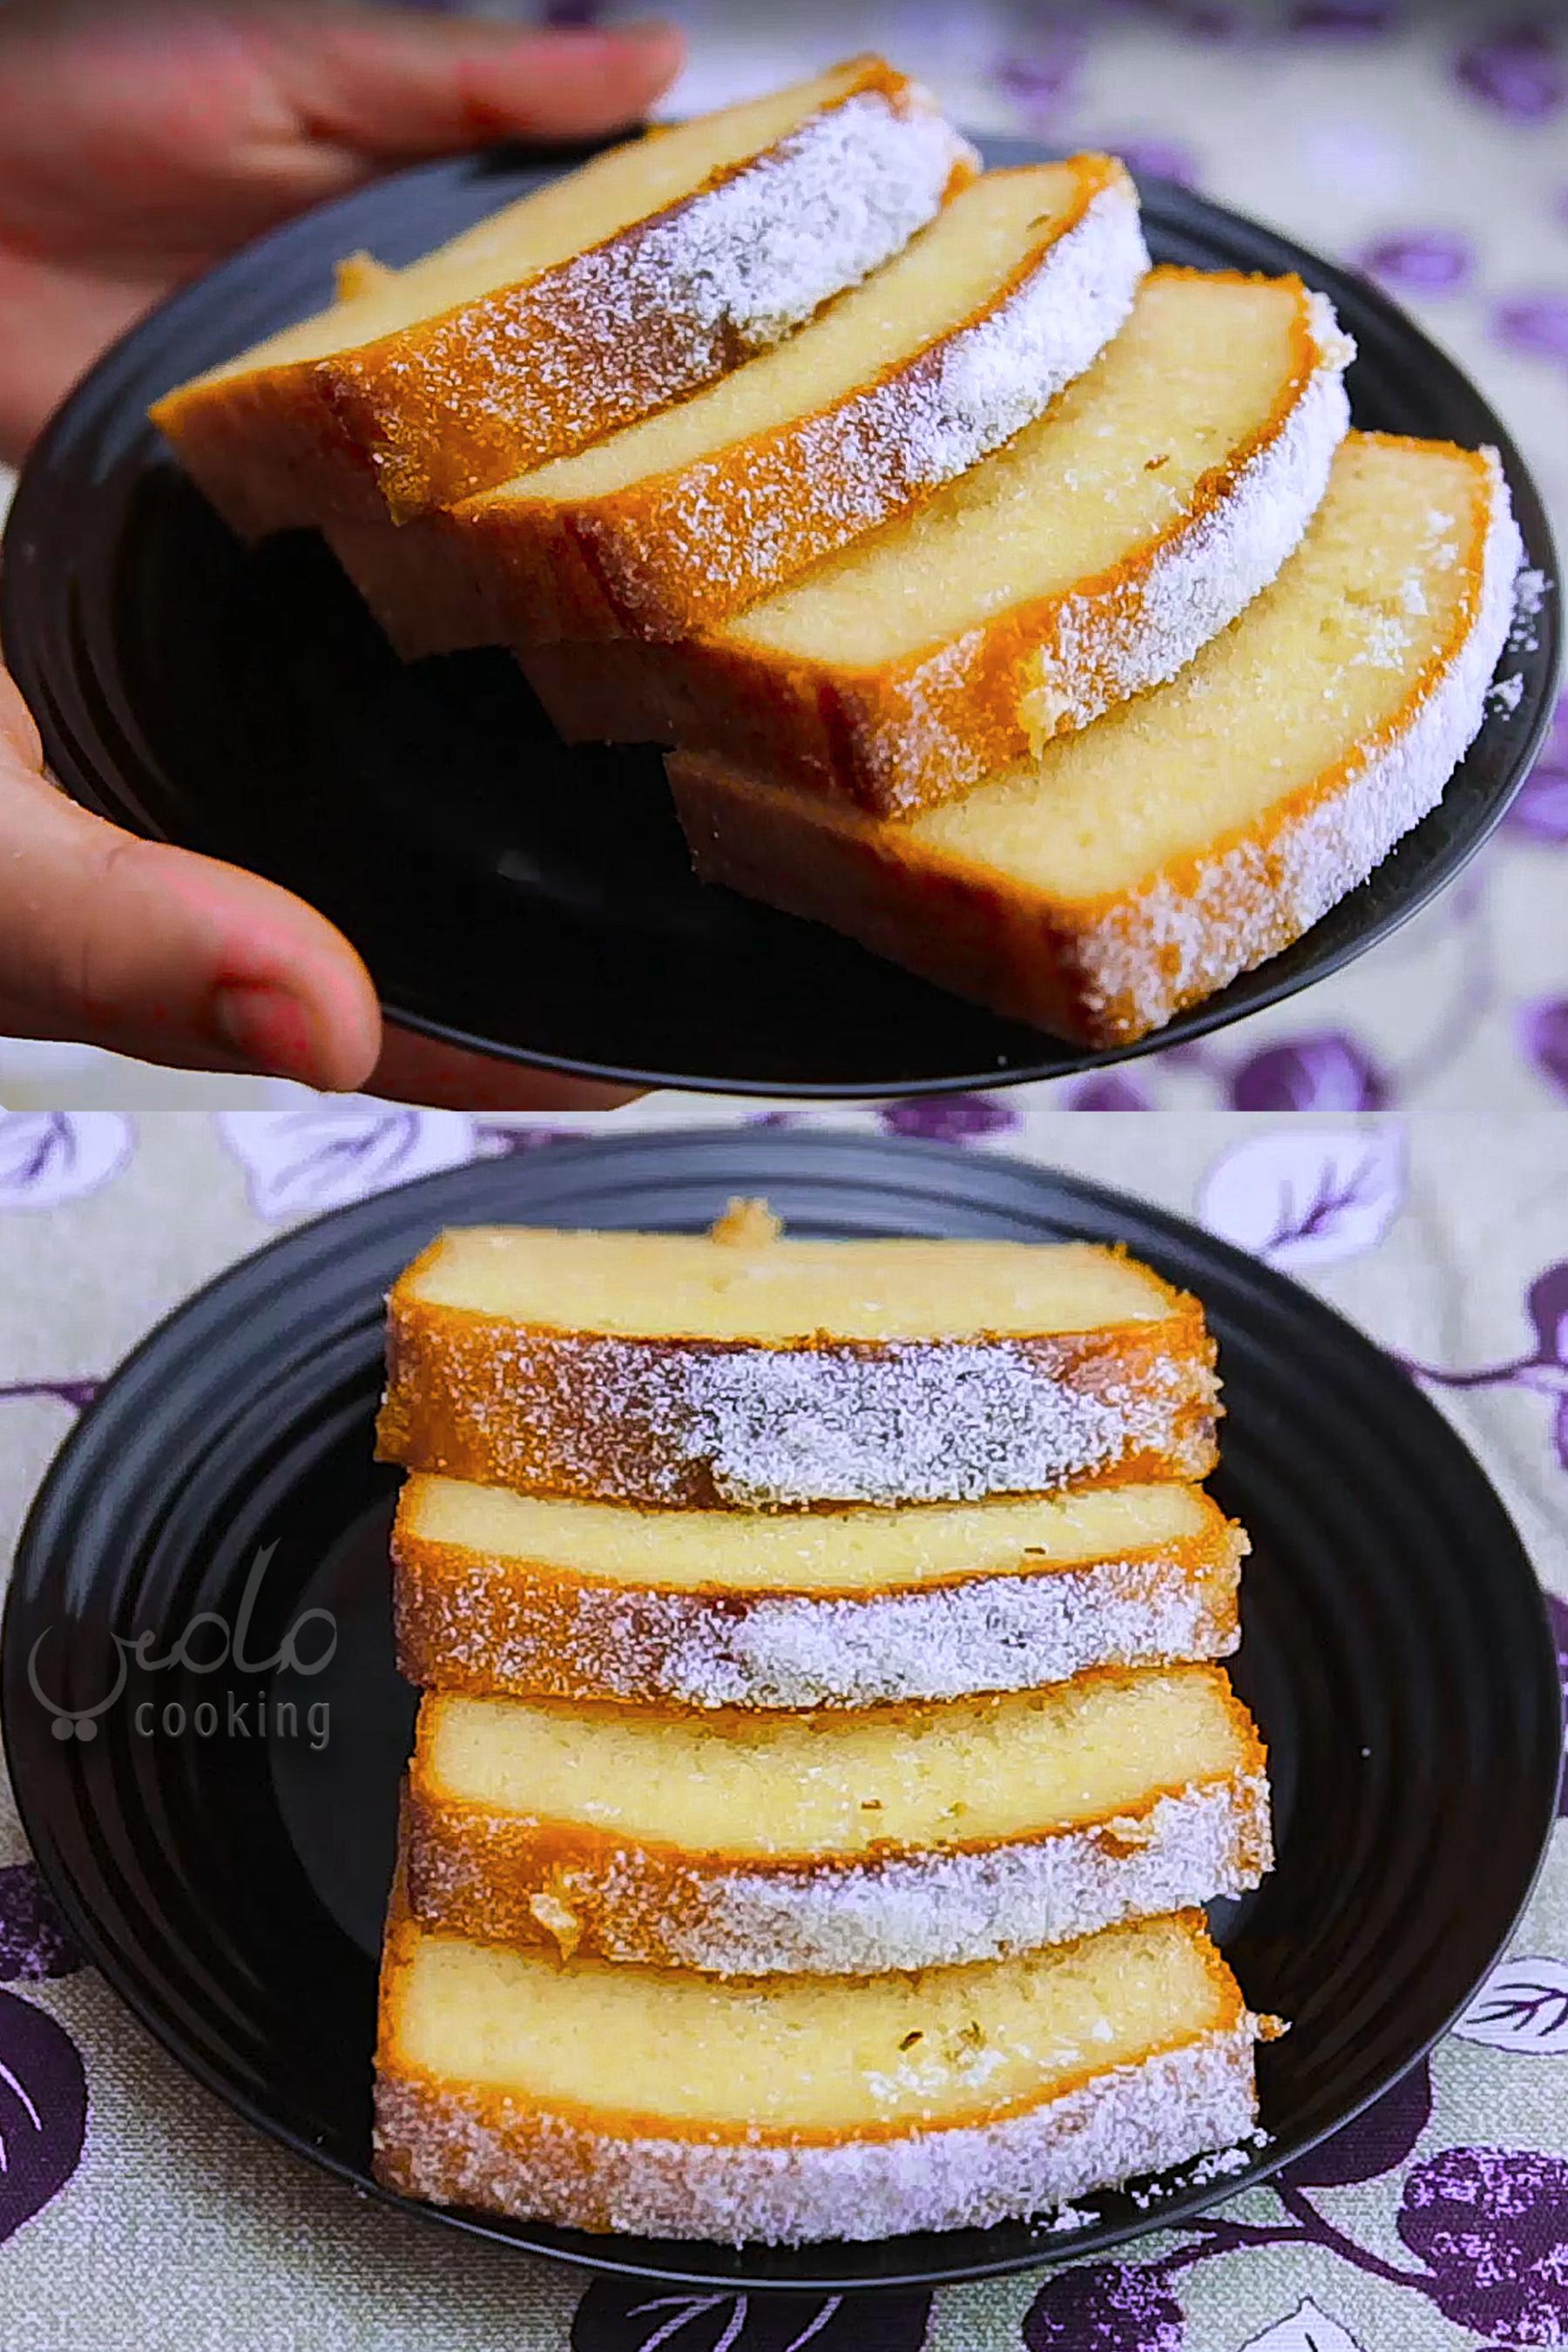 طريقة عمل كيكة عادية سهلة هشة ولذيذة Yogurt Cake Desserts Cake